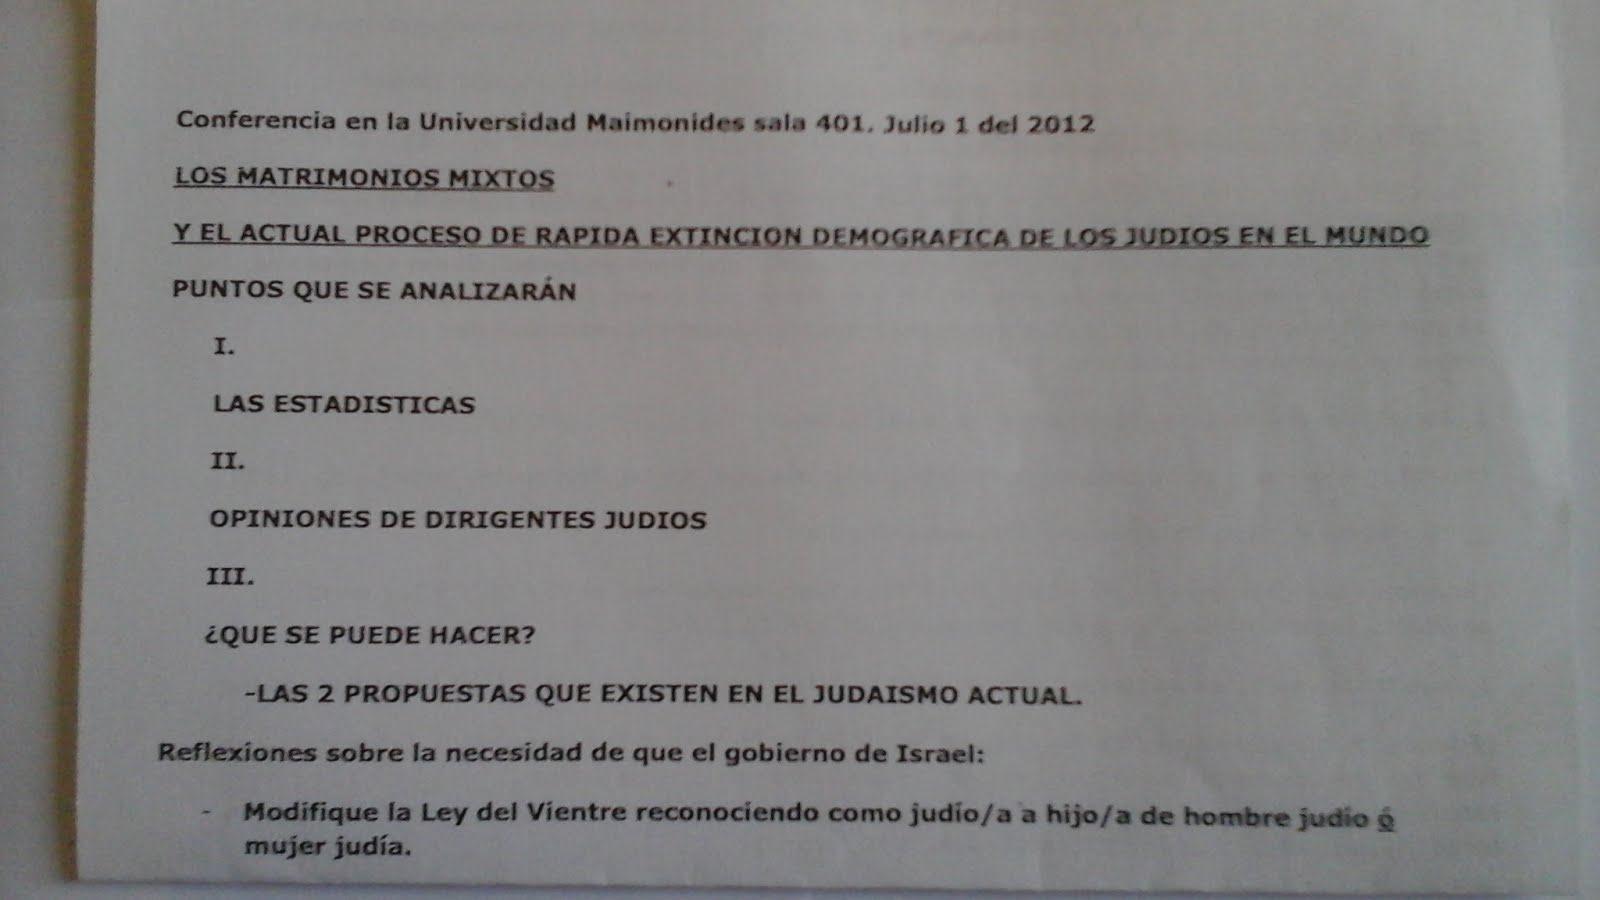 55 - Conferencia en la Universidad Maimonides, Argentina,1/7/2012. Sobre matrimonios mixtos y el